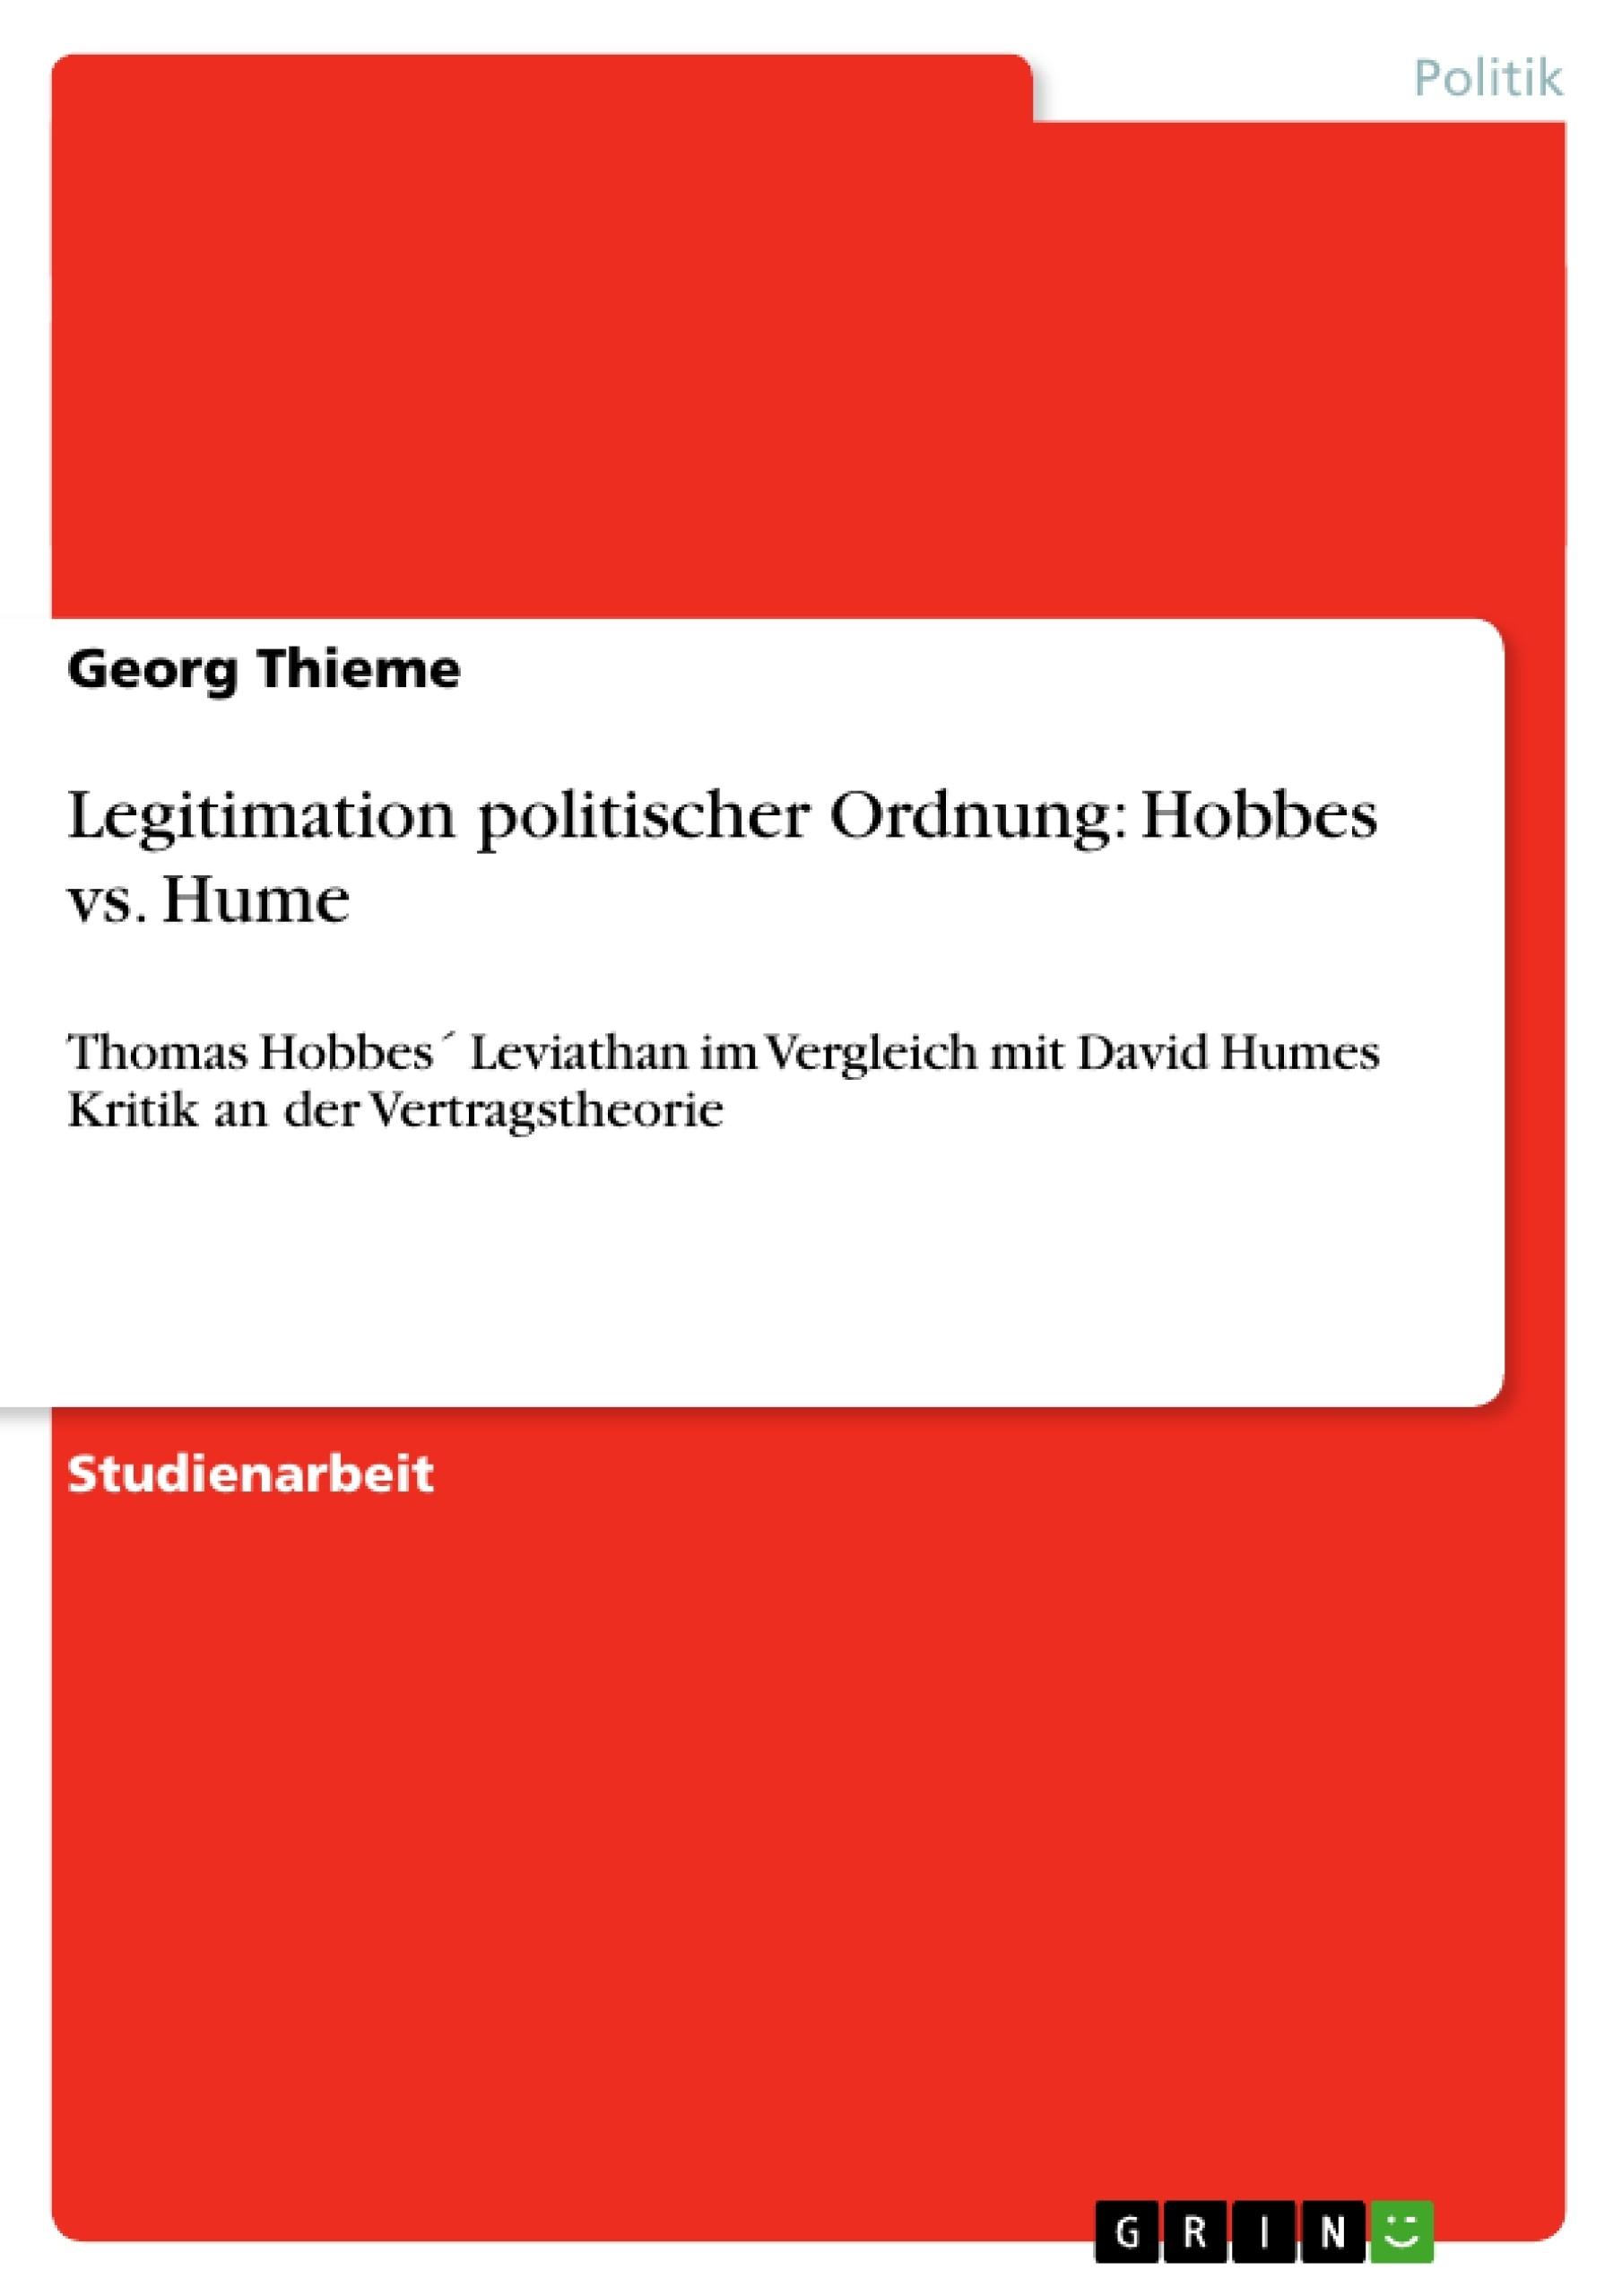 Titel: Legitimation politischer Ordnung: Hobbes vs. Hume